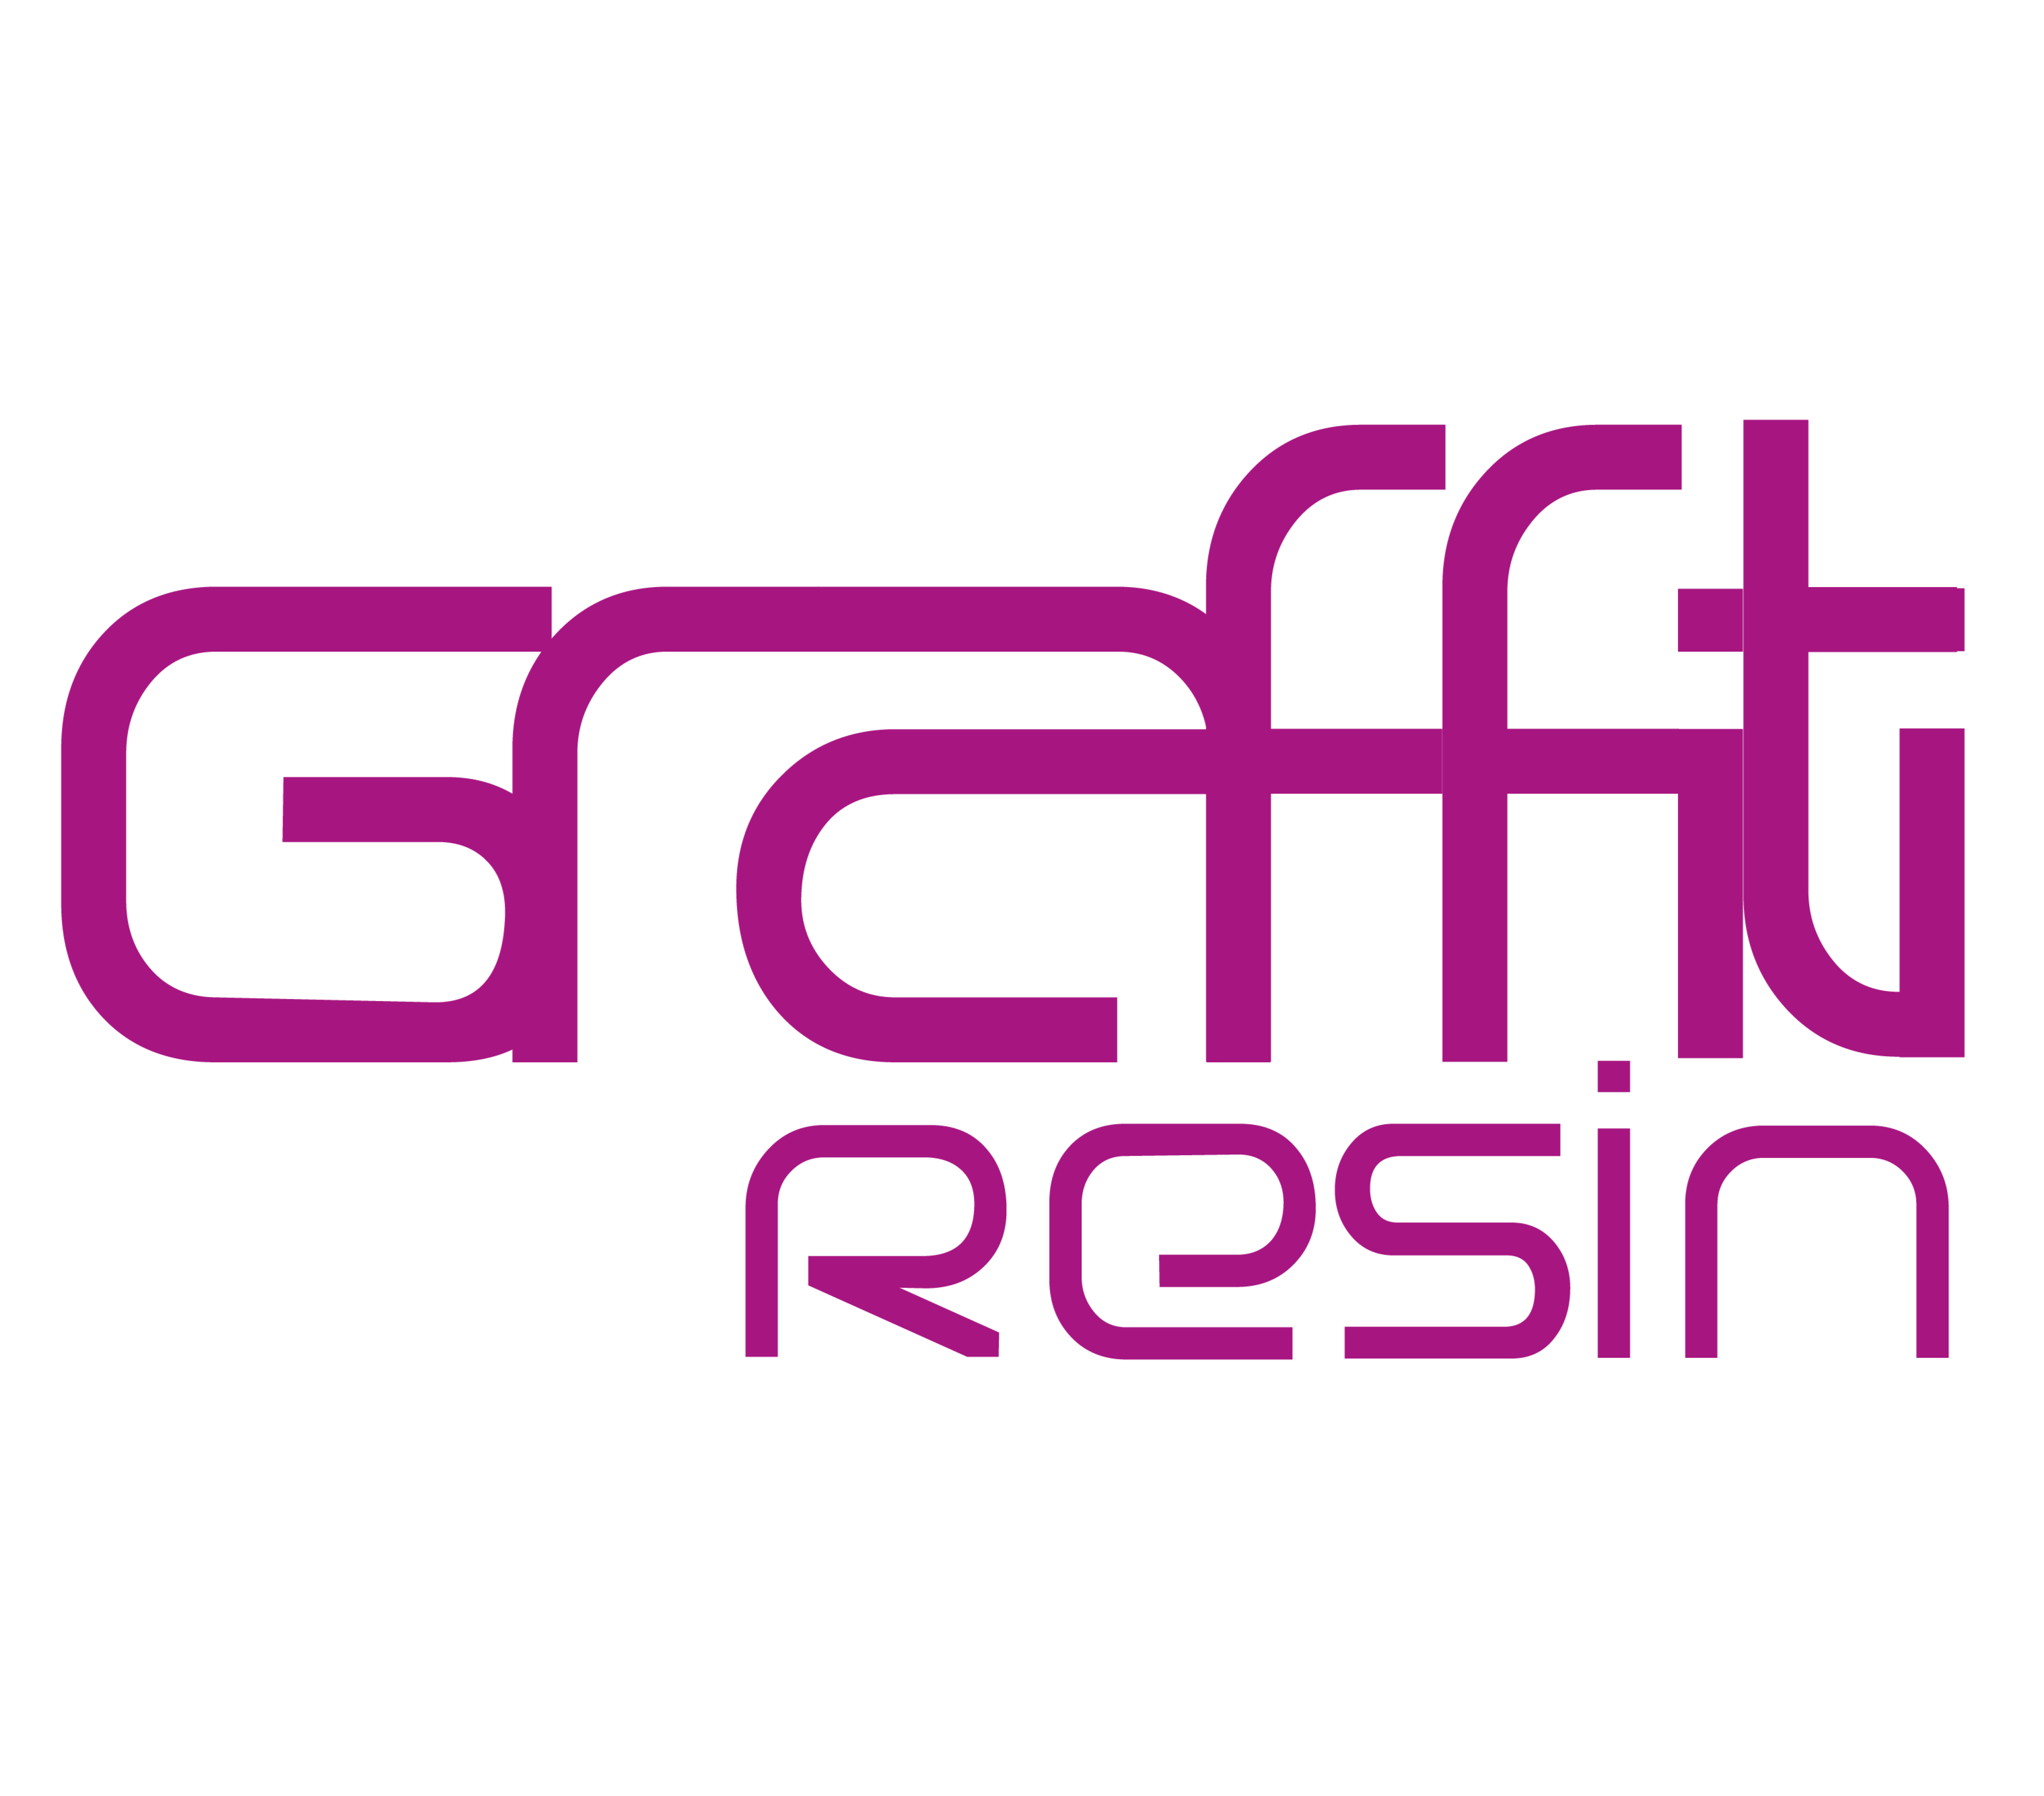 تفاصيل متجر جرافيتي أدوات ريزن في 5 دقائق وأدواته